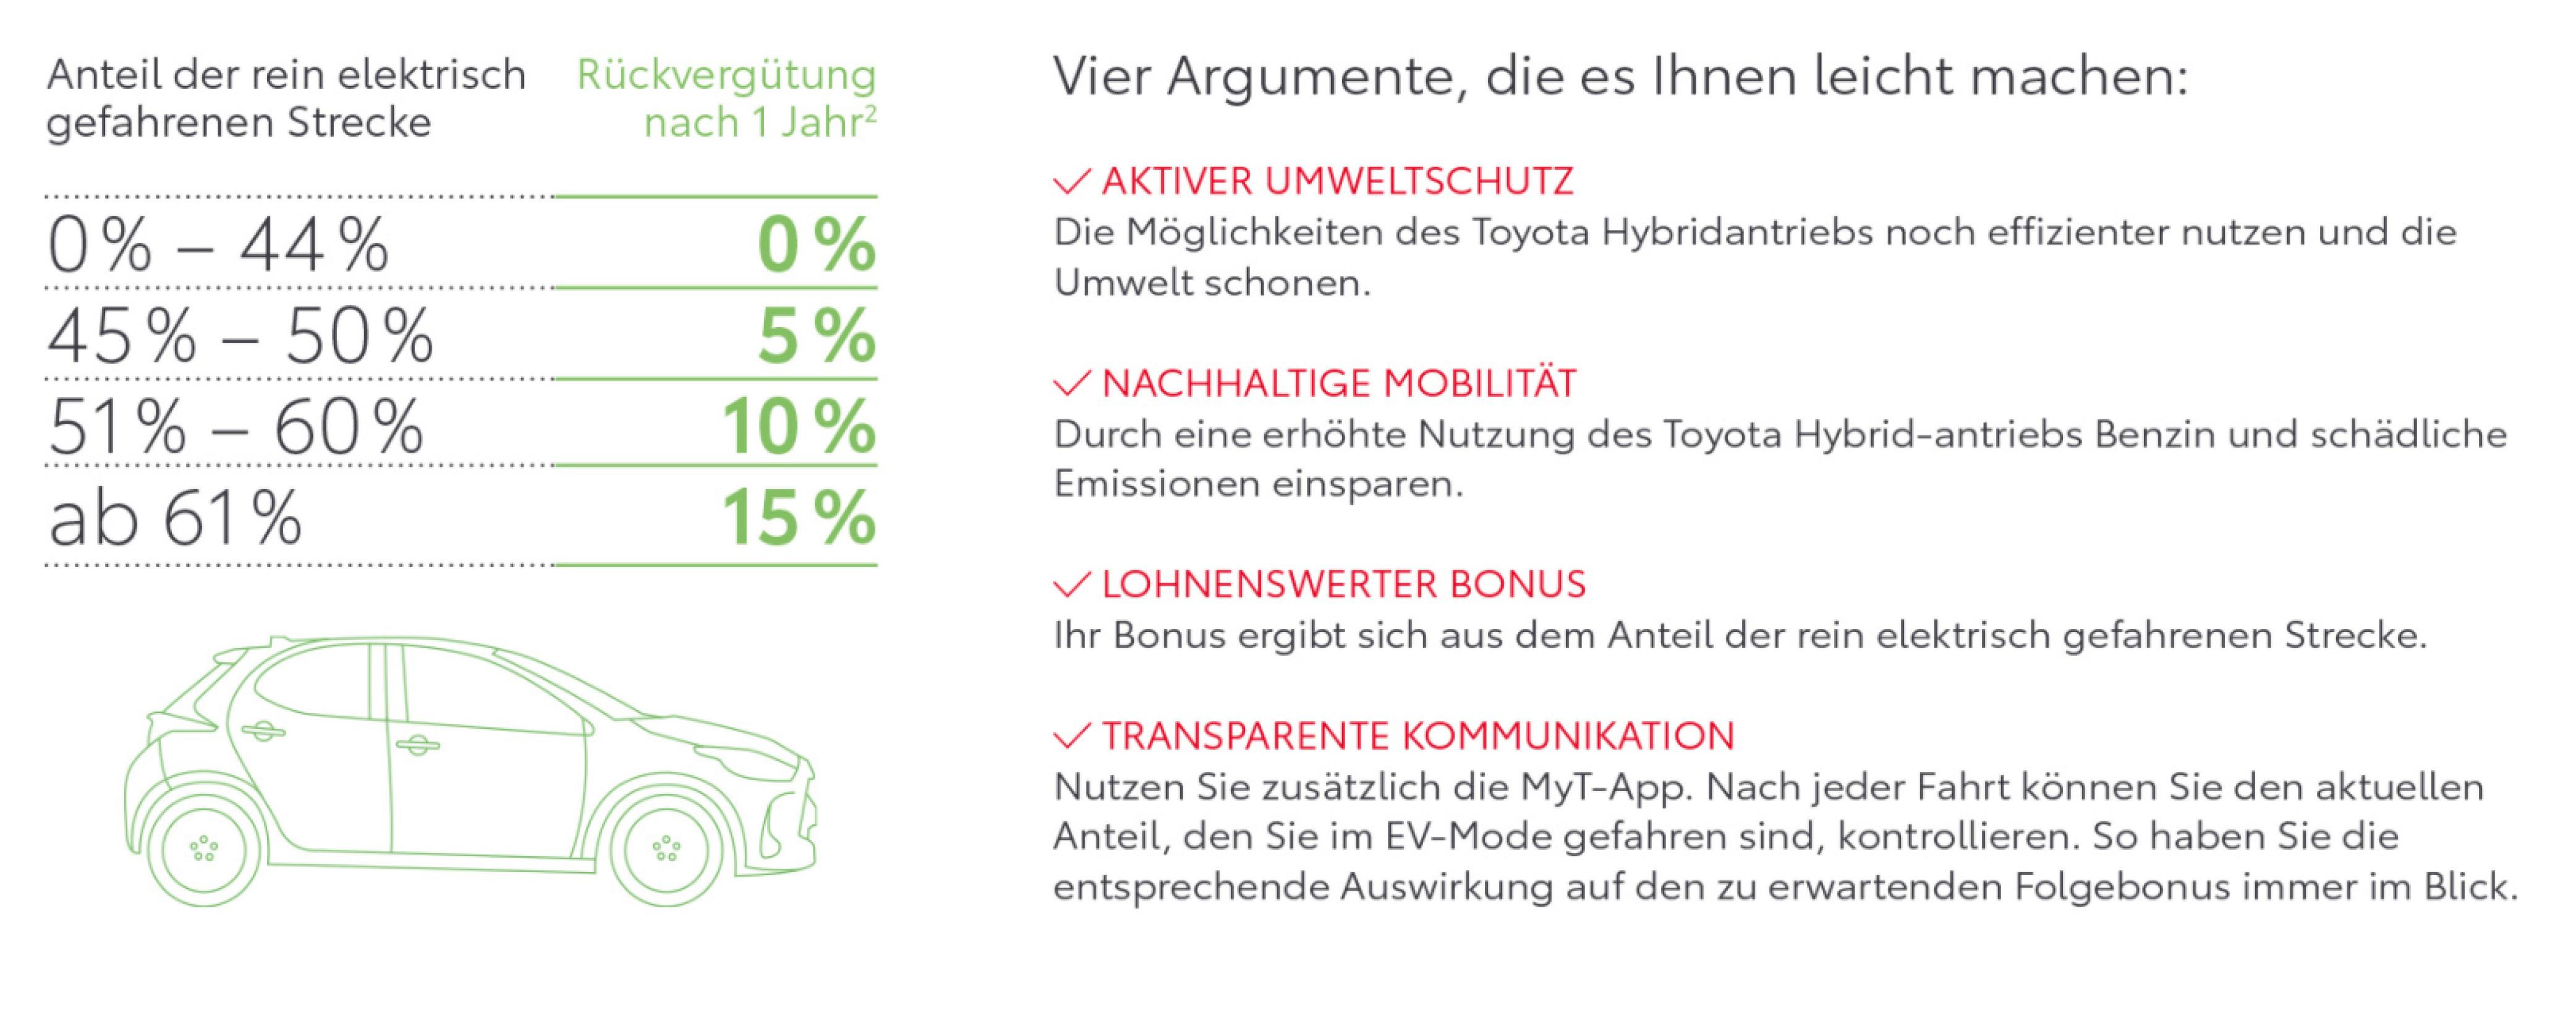 Hybridversicherung_Rückvergütung.jpg